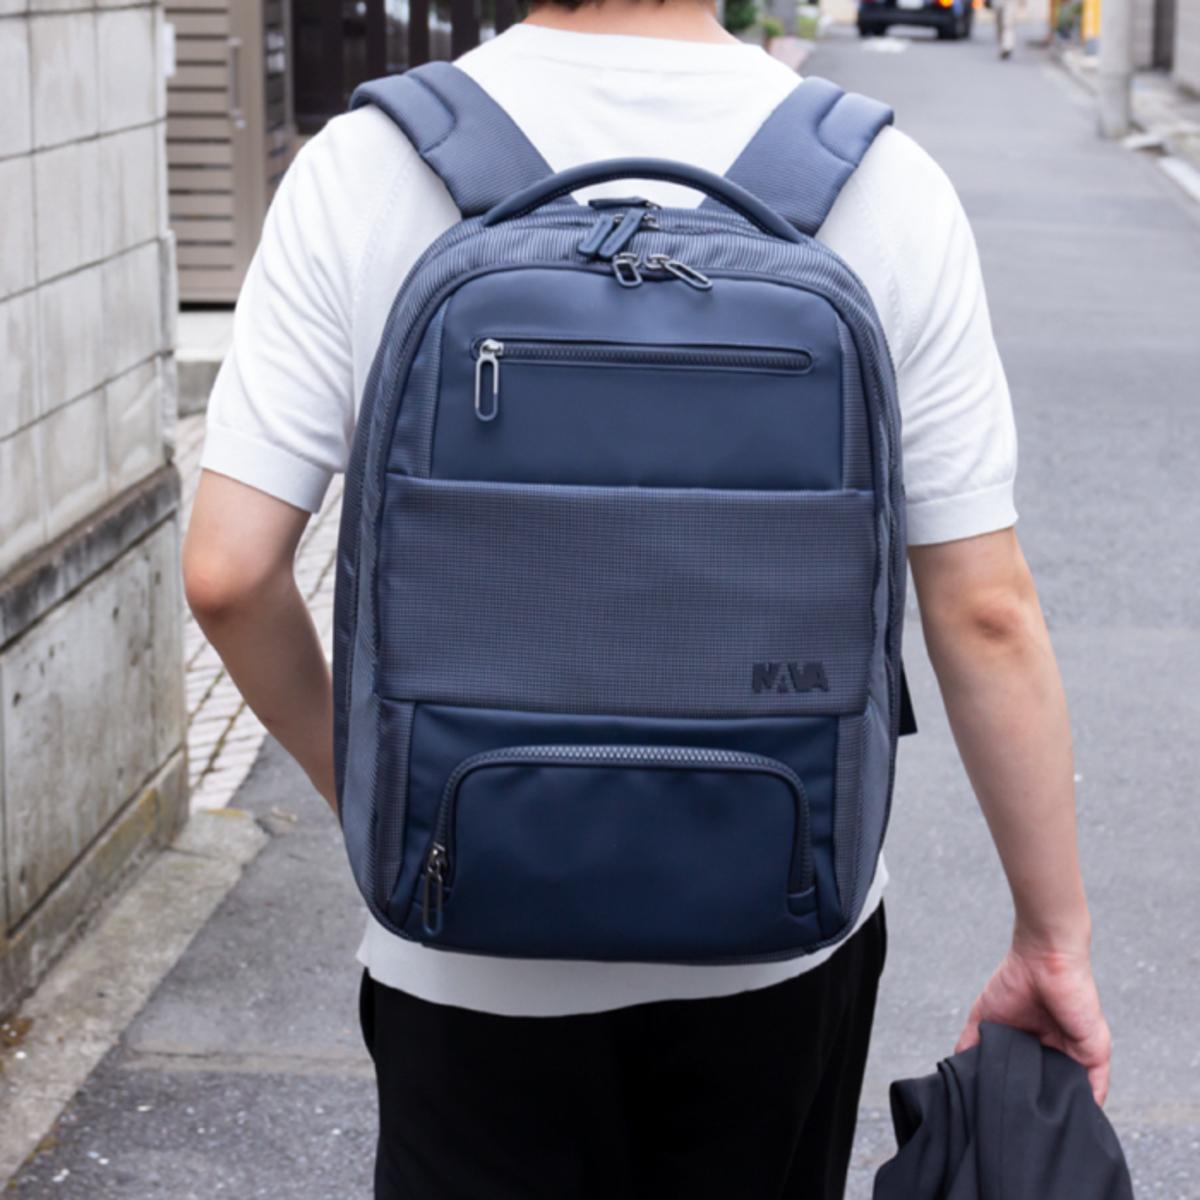 """パカッと180°開く「出張バックパック」 シャツも書類も""""置くだけ""""、スマートに収納できる「出張バックパック」 NAVA"""